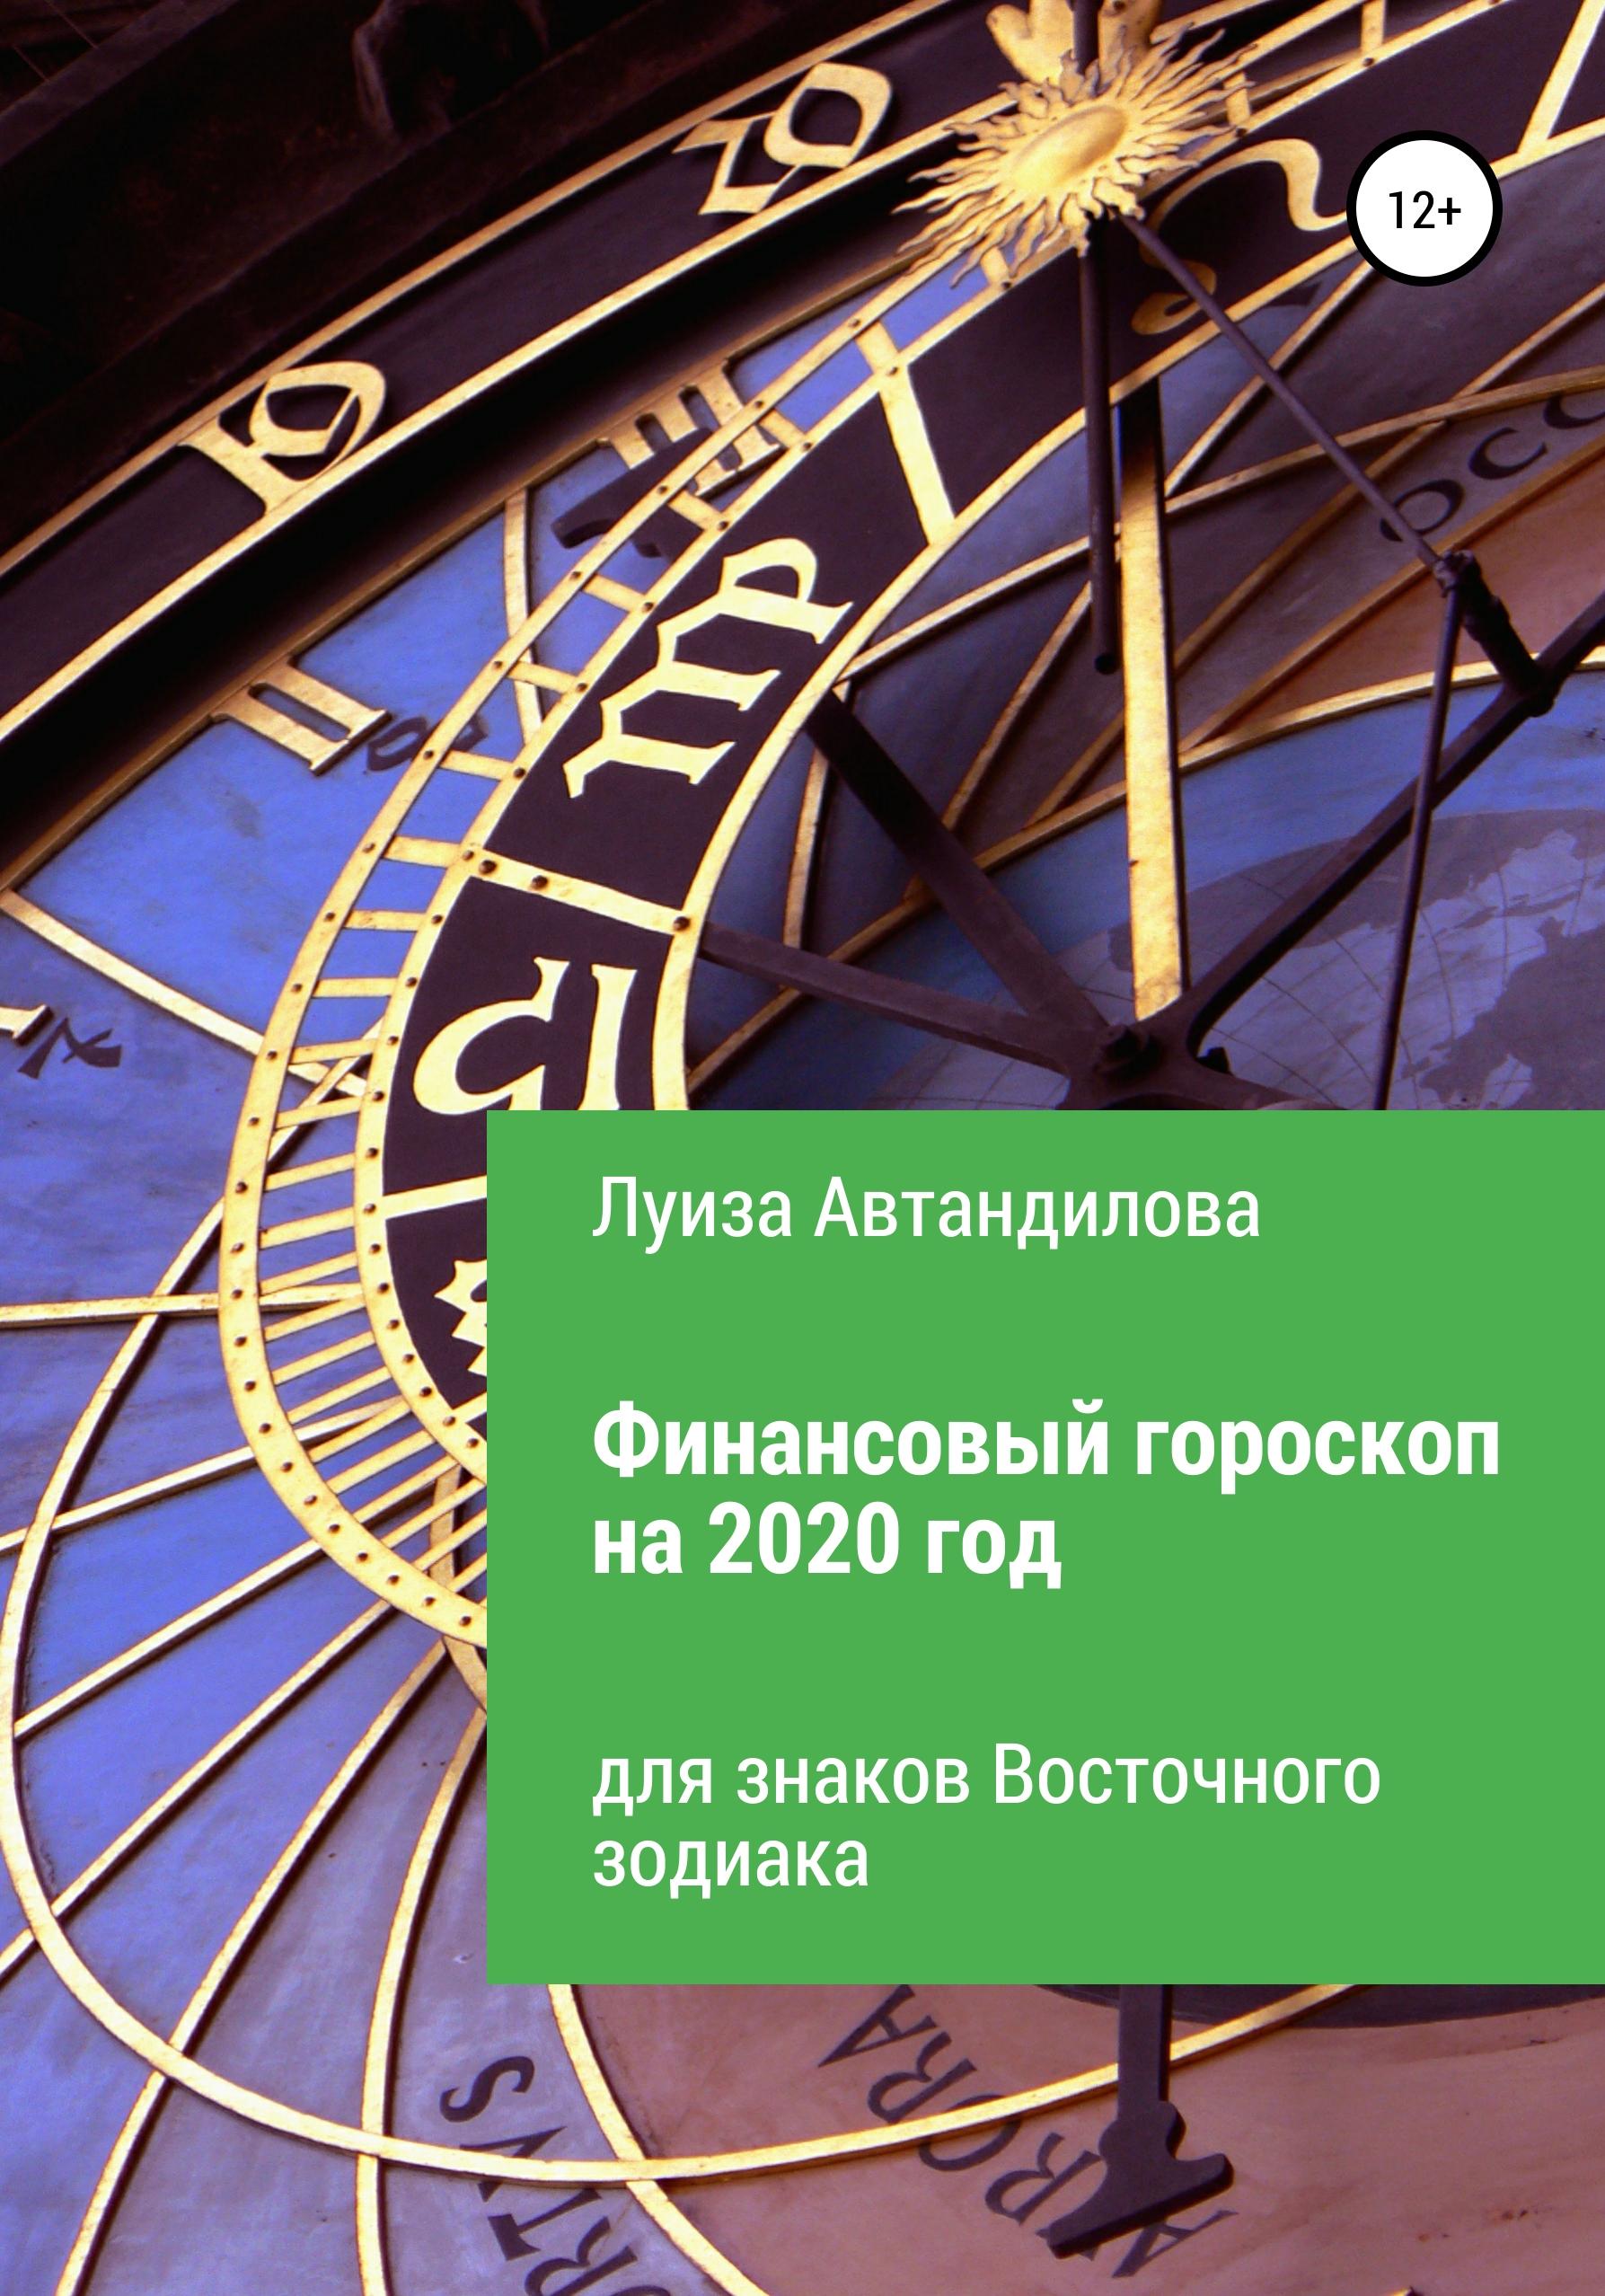 Финансовый гороскоп на 2020 год для знаков Восточного зодиака